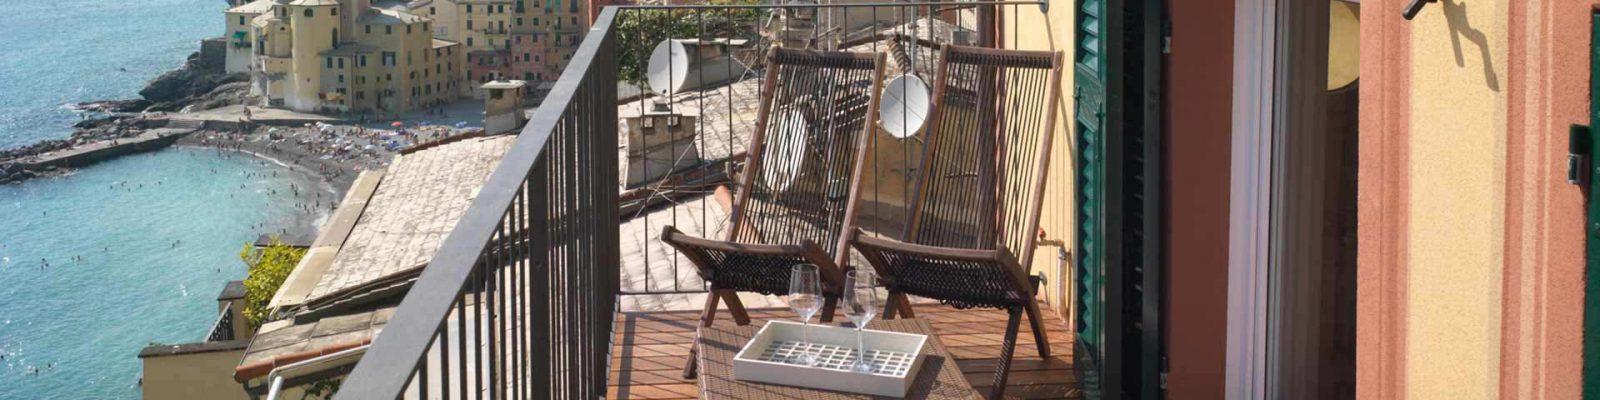 Vue d'une terrasse avec fenêtres et volets en bois